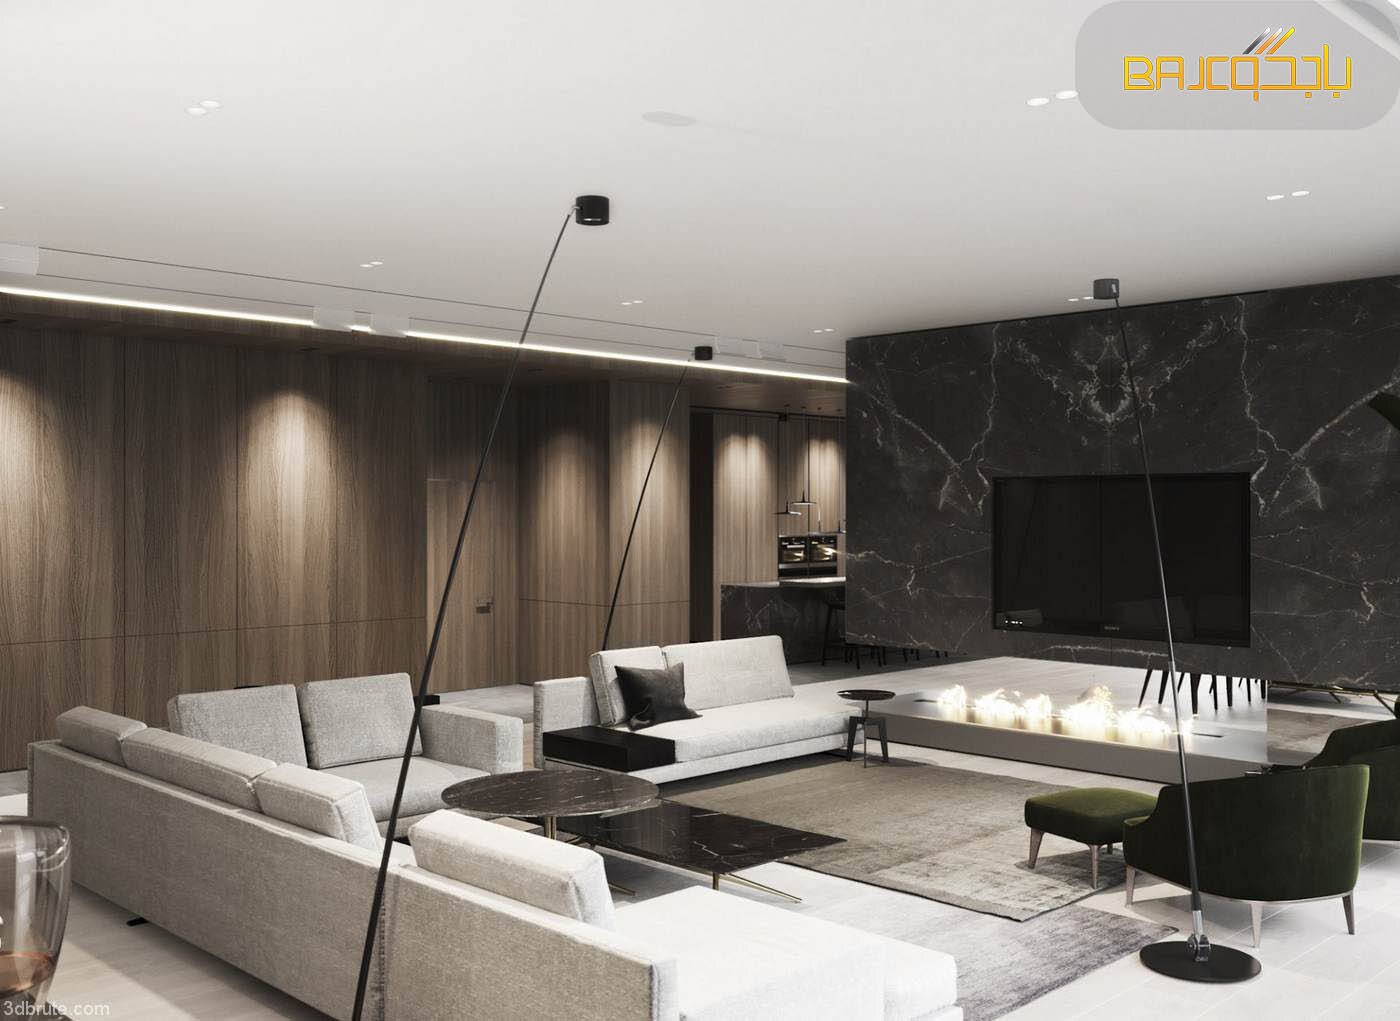 تصميم غرفة معيشة رخام رمادي